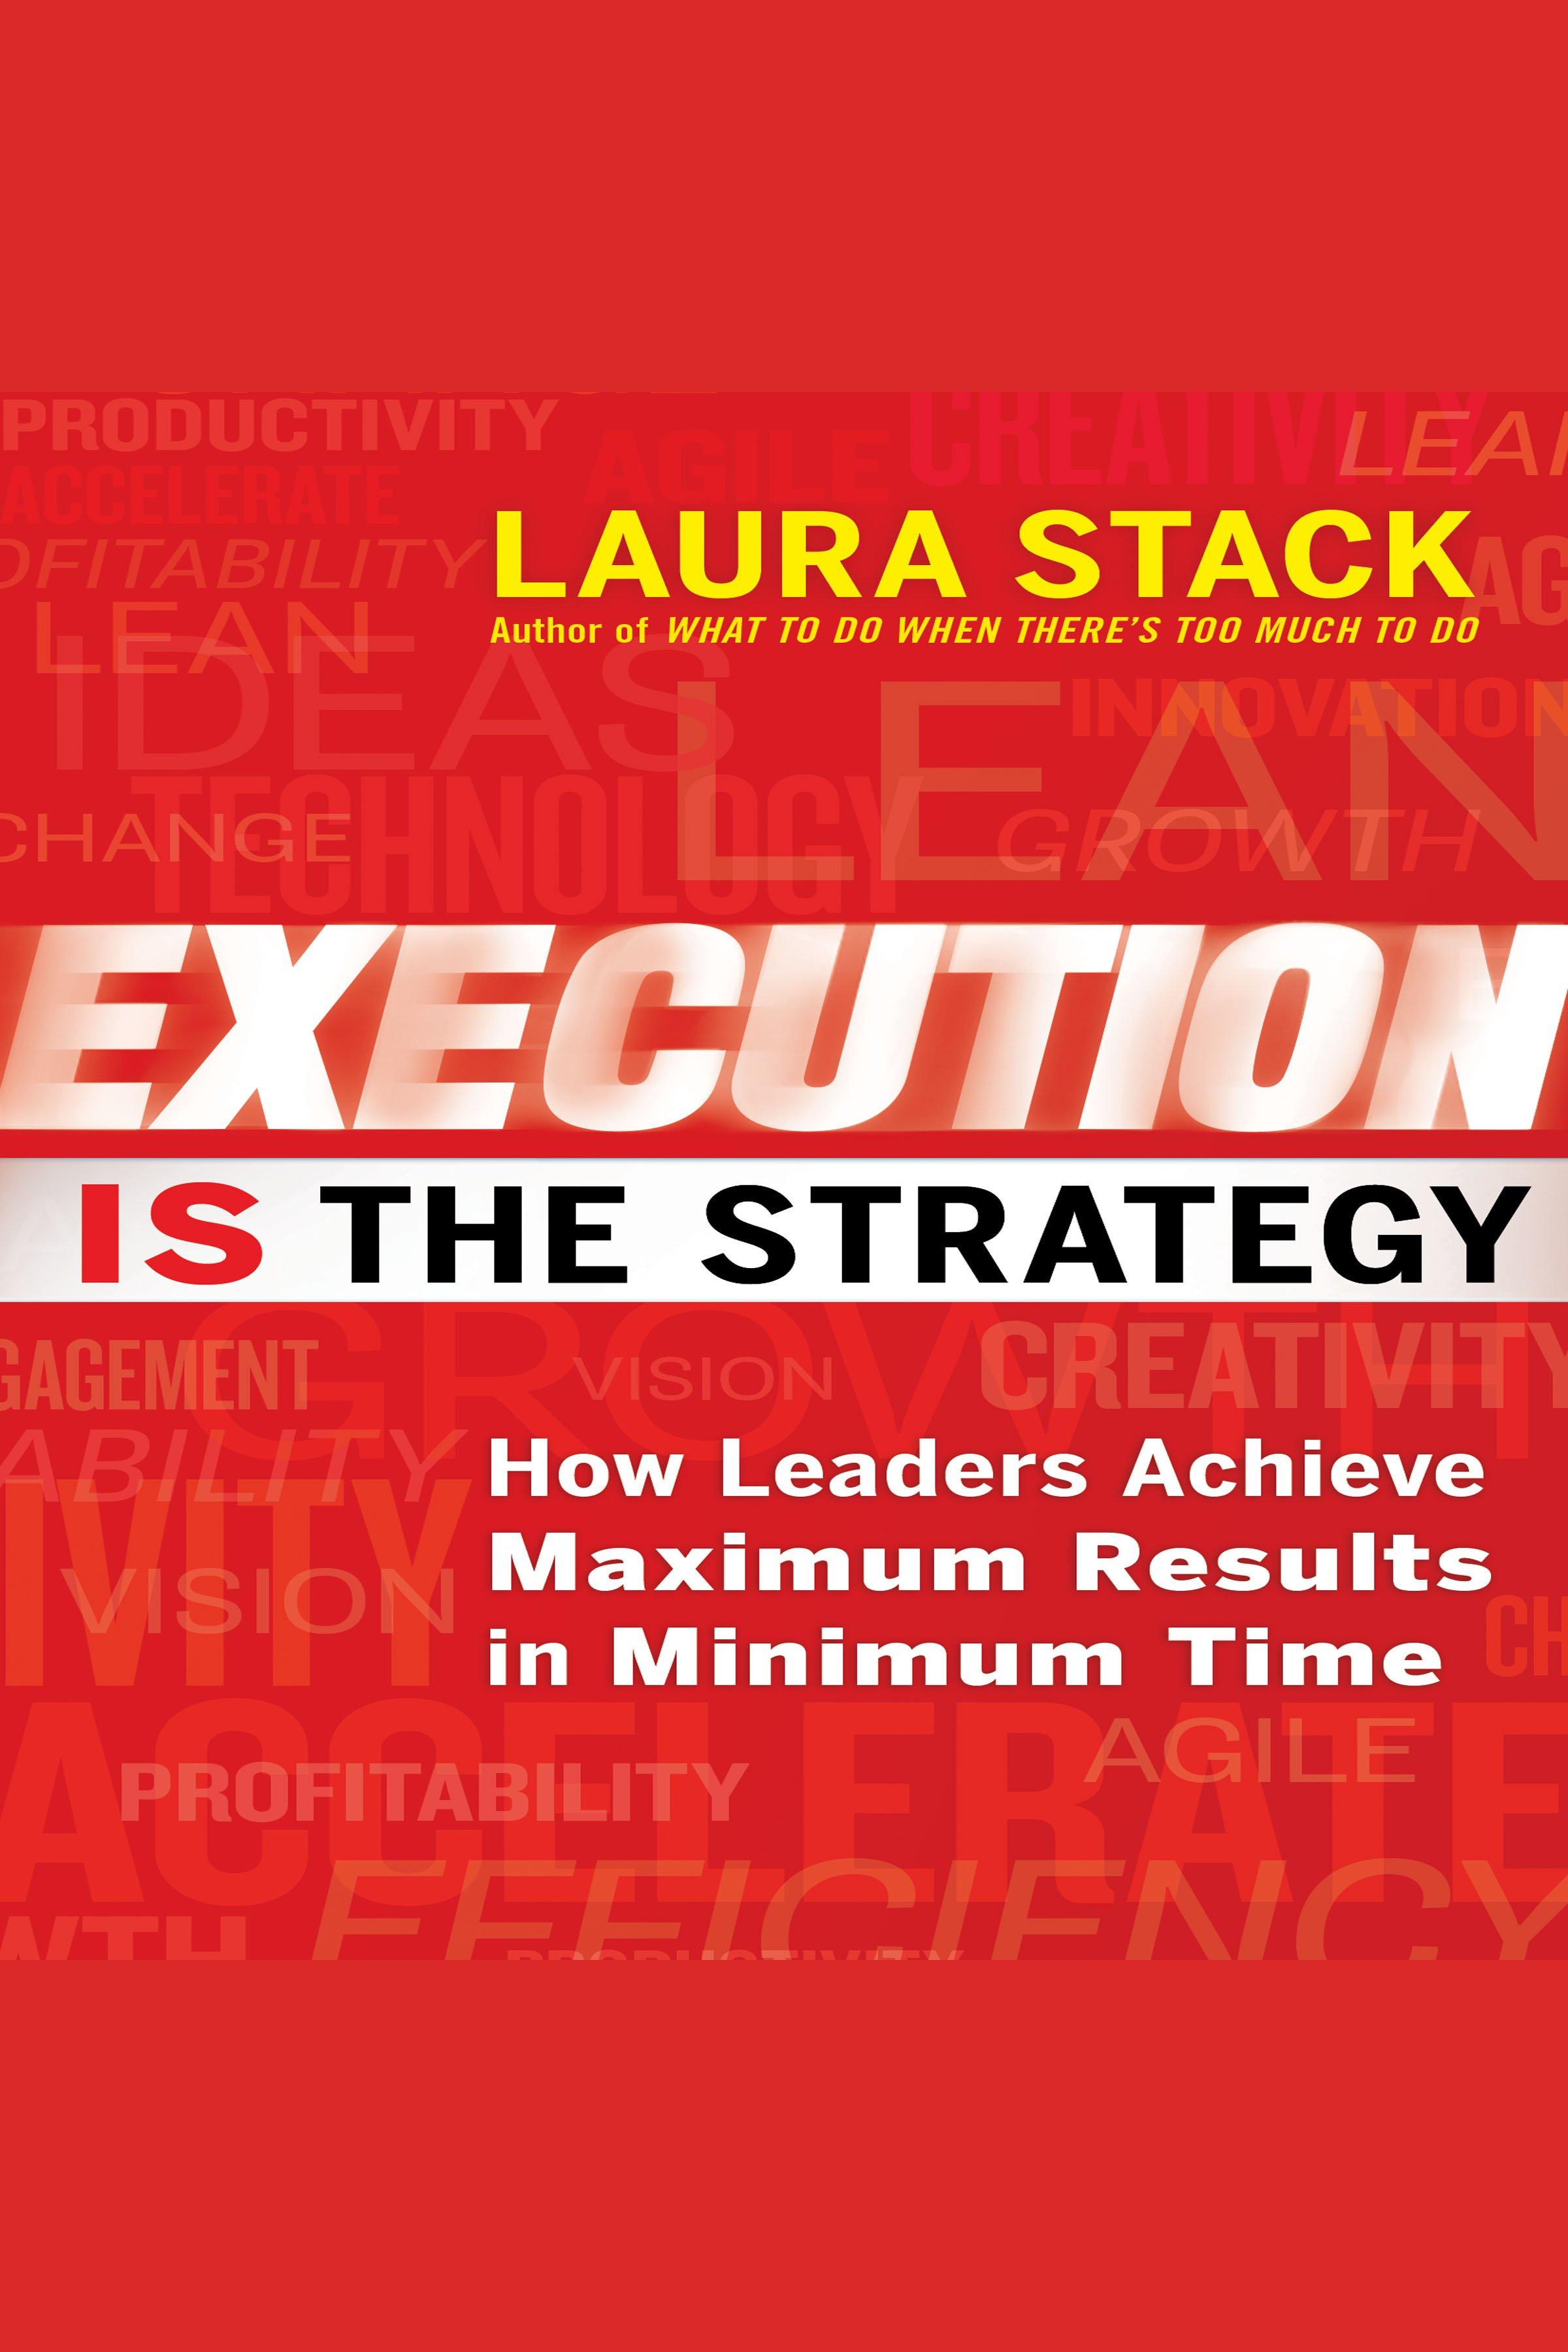 Esta es la portada del audiolibro Execution IS the Strategy